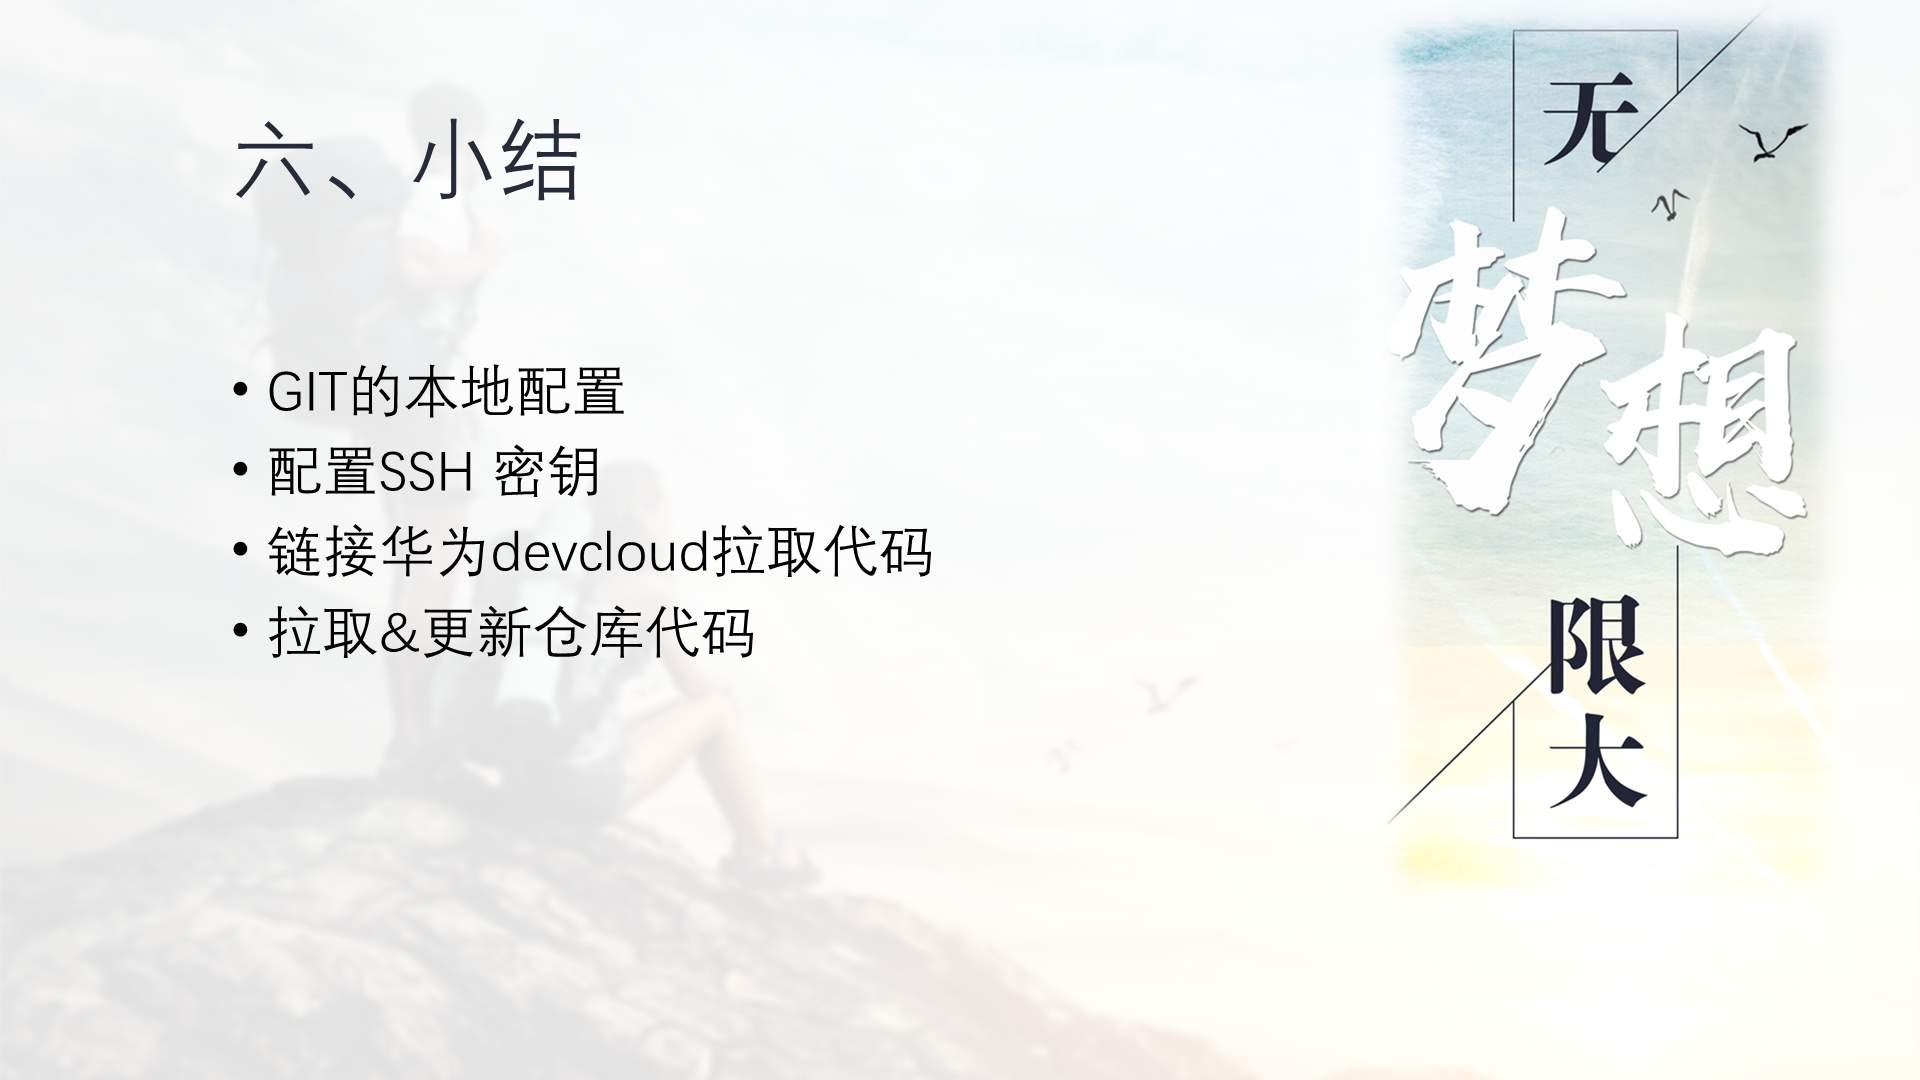 华为-DEvcloud_10.png